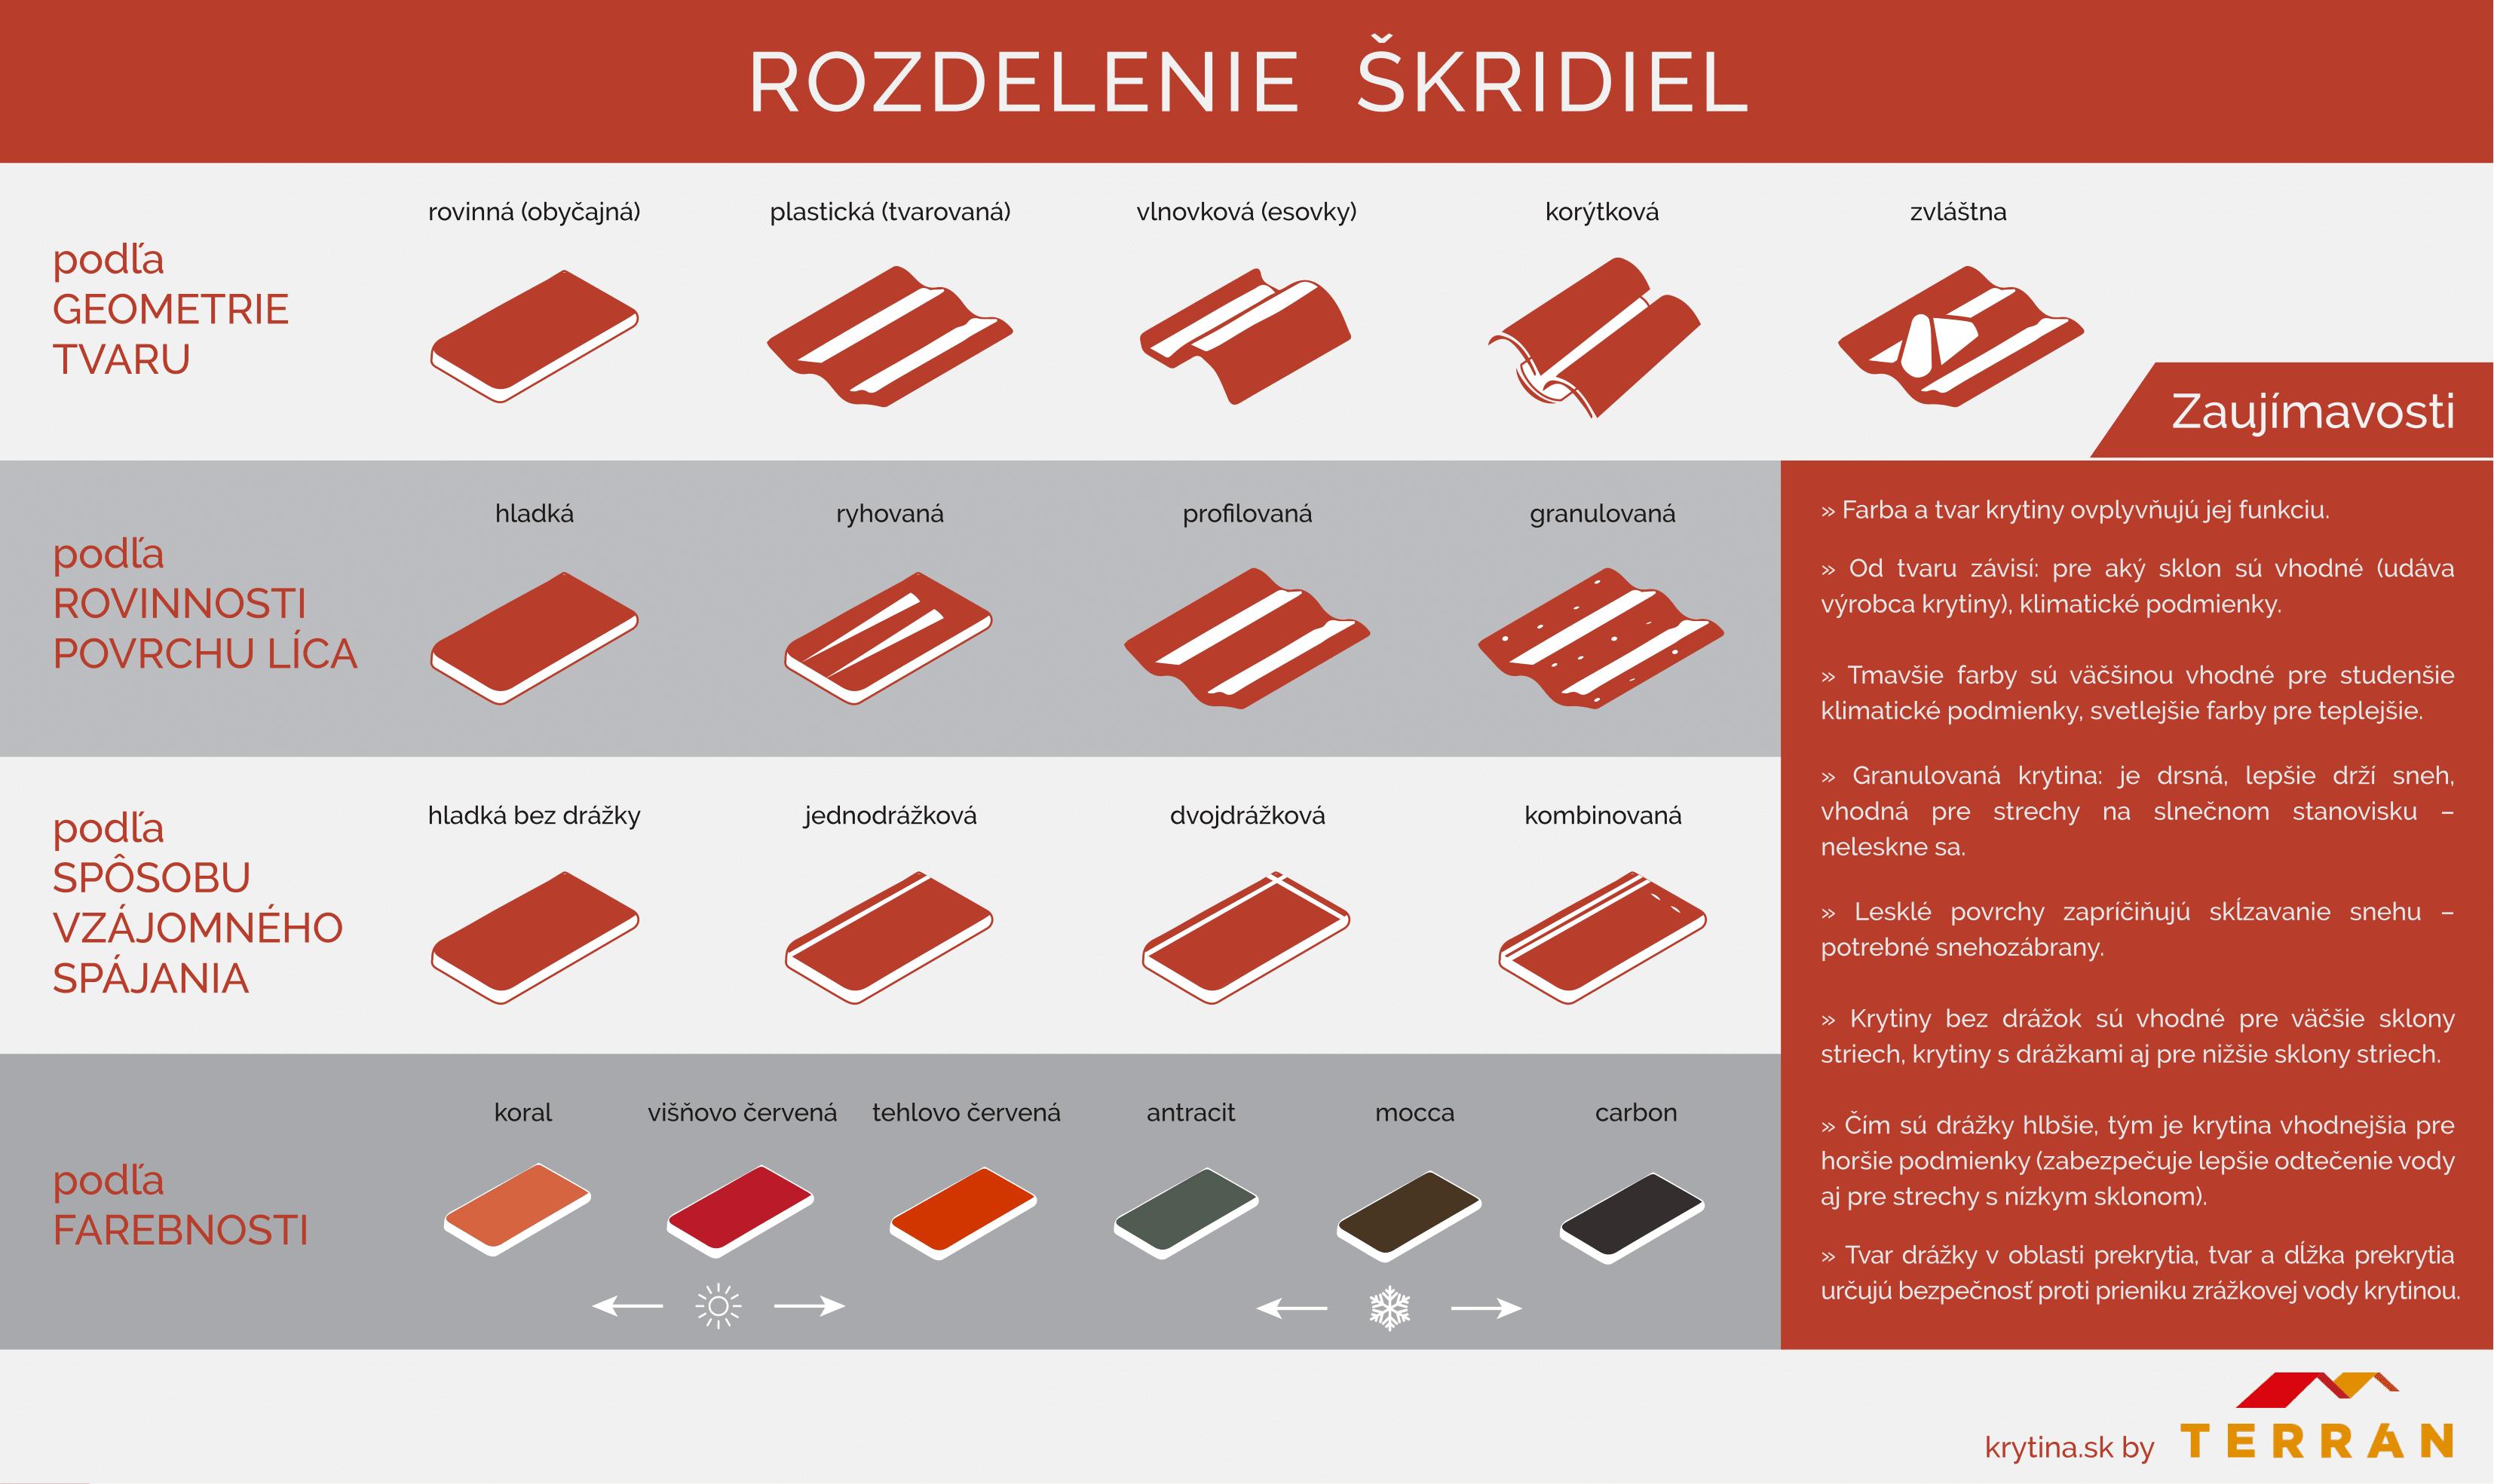 Rozdelenie-skridiel-podla-tvaru-a-farebnosti-krytina